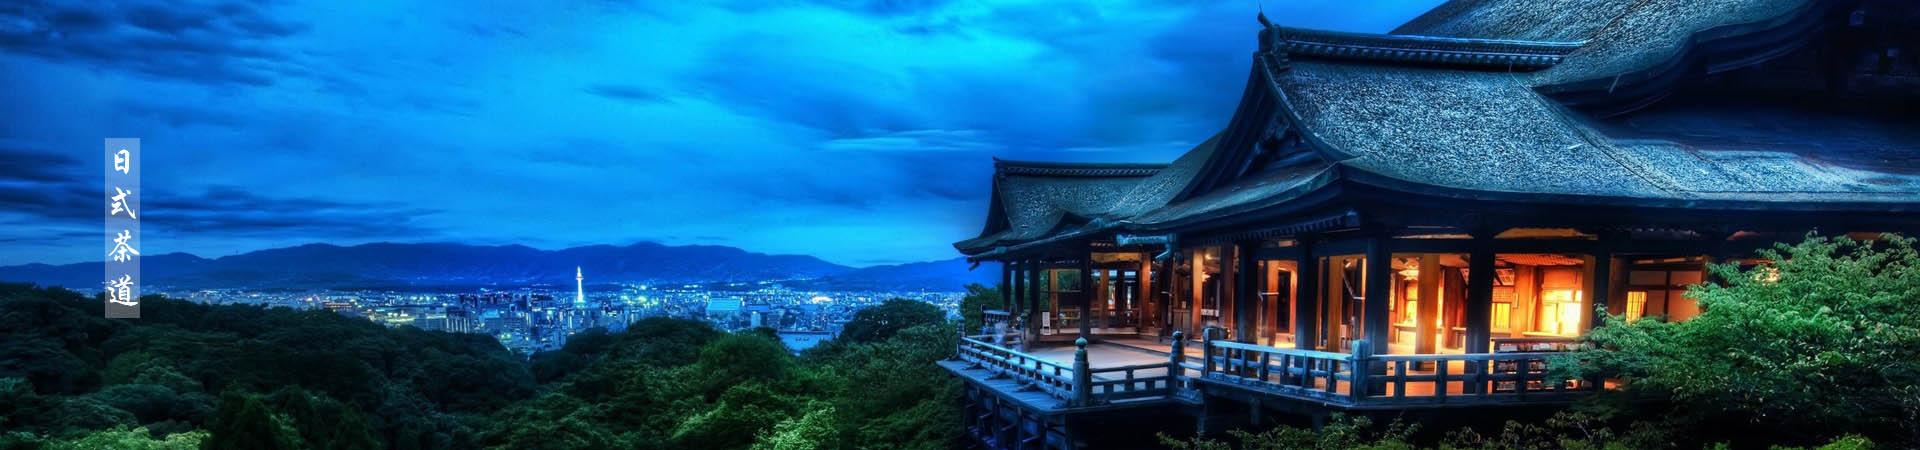 日本茶道文化的八大美:缺陷、